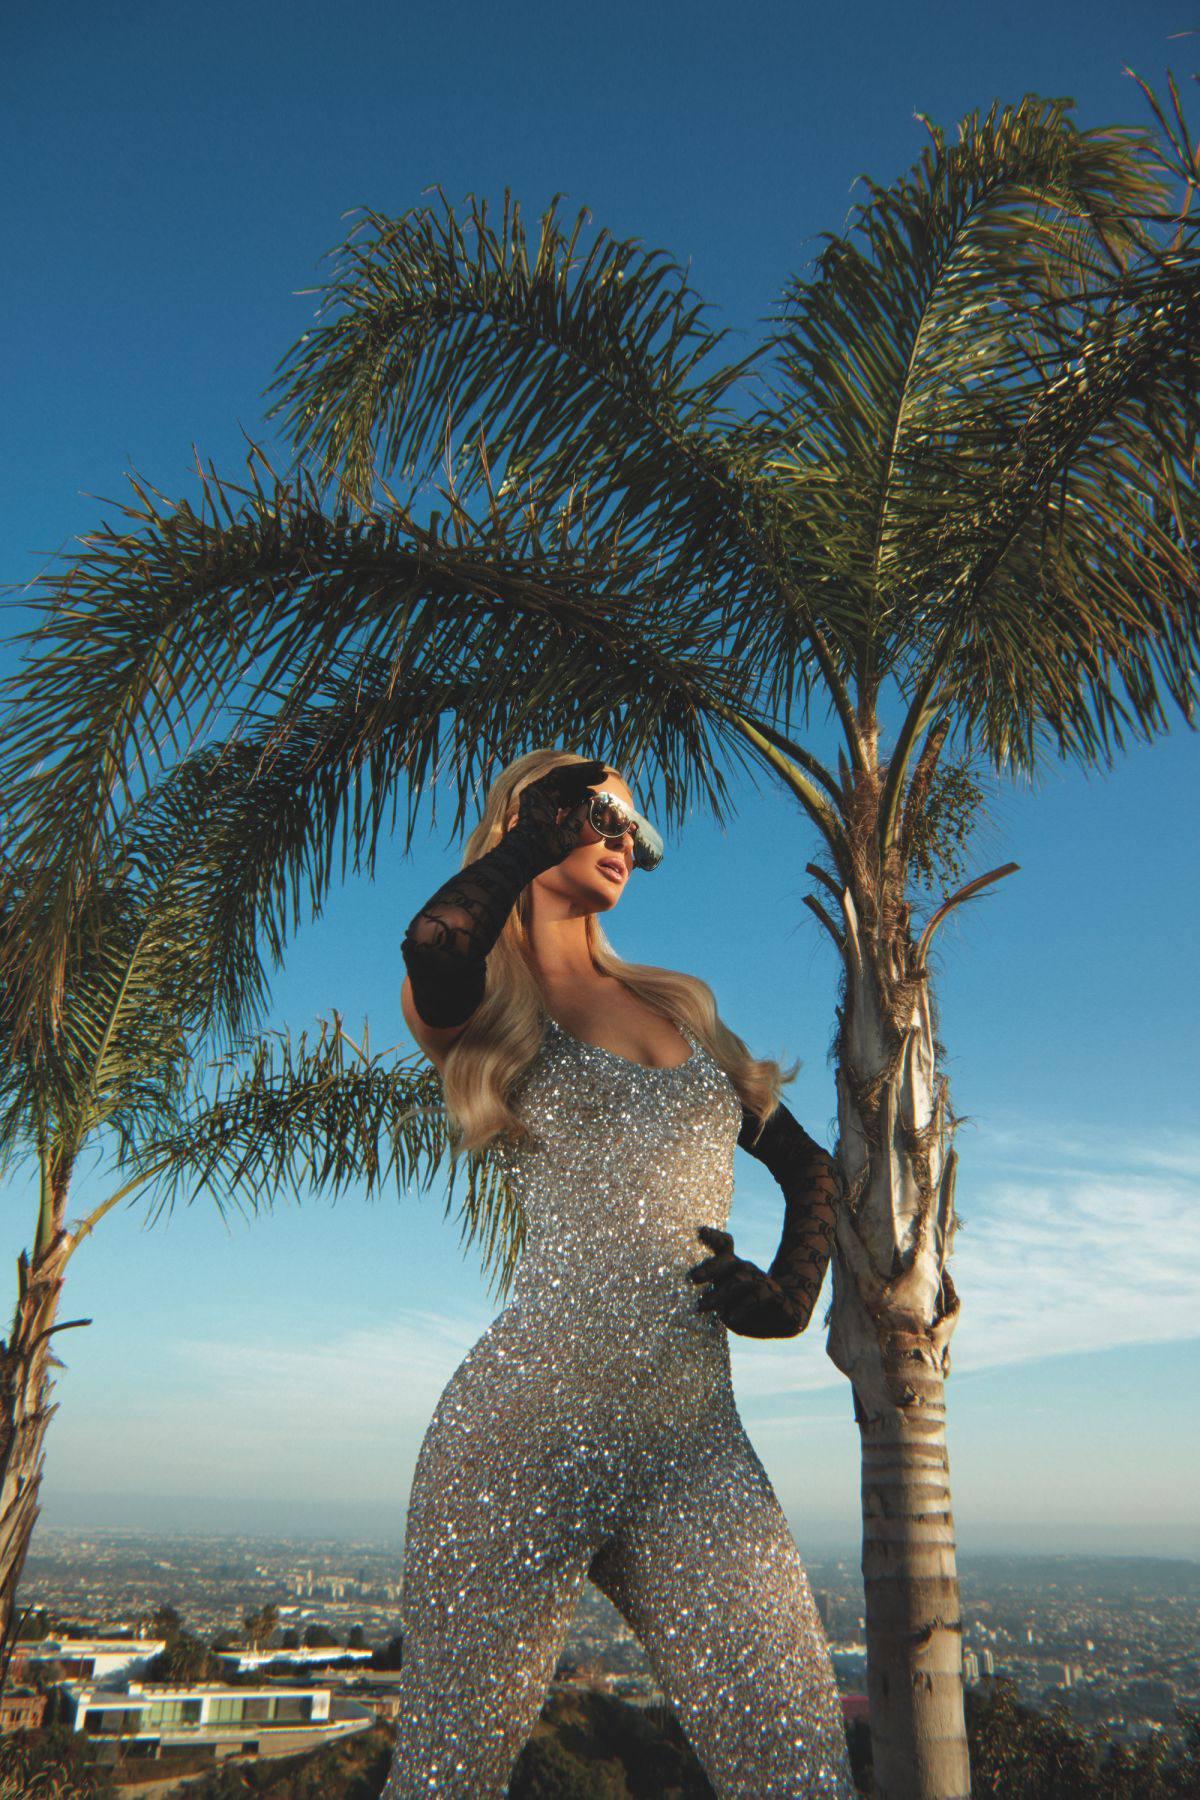 Paris Hilton Sexy Photoshoot